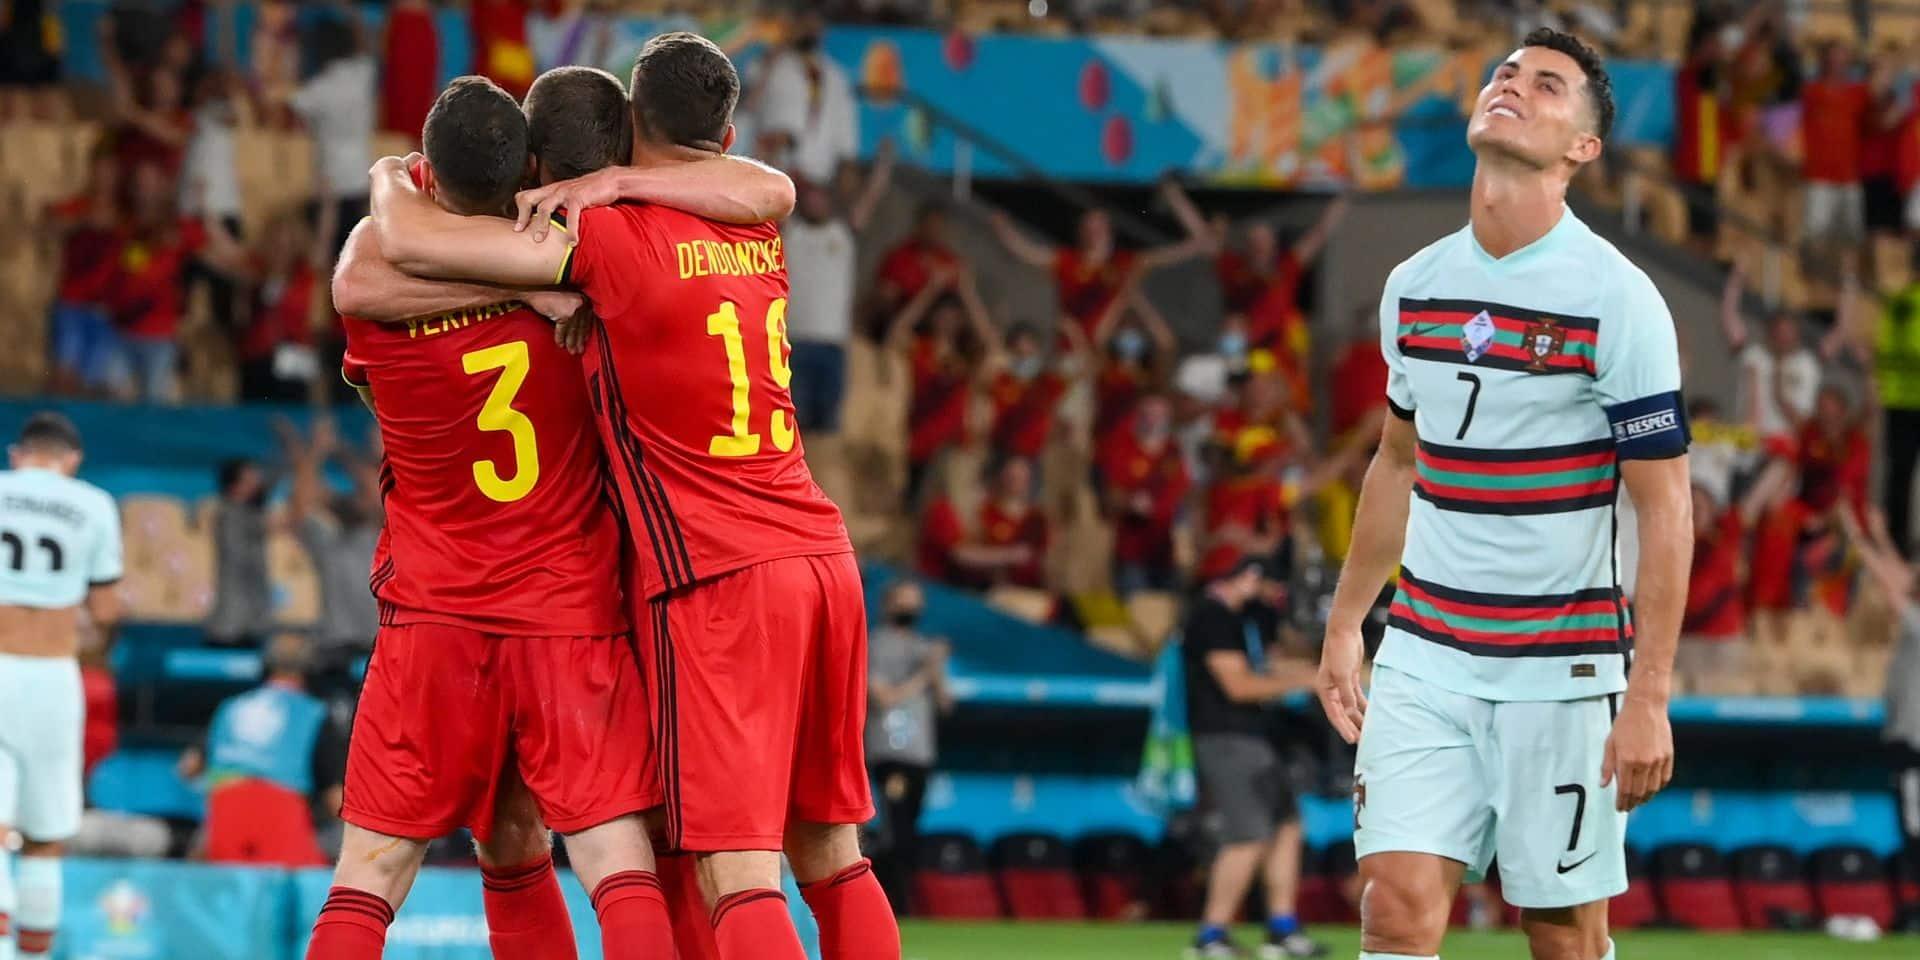 Vermaelen homme du match, Courtois décisif, CR7 décevant: les notes après Belgique - Portugal